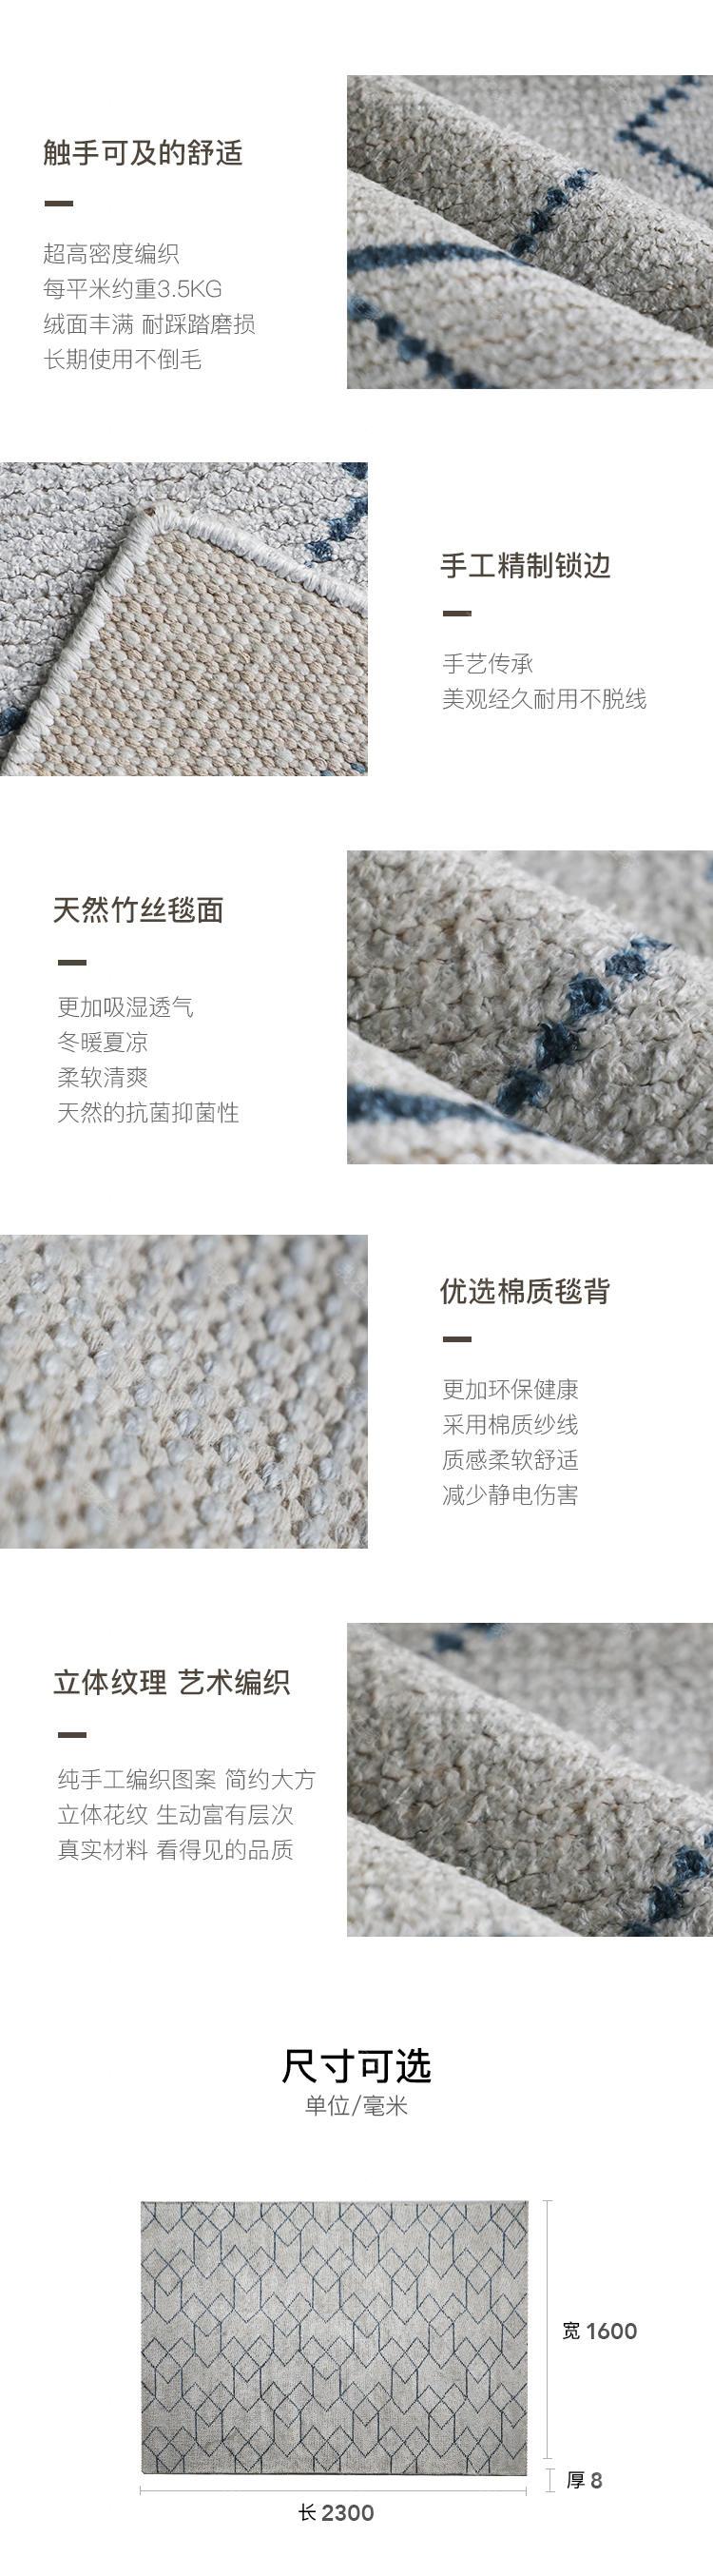 地毯品牌印度风线条编织地毯的详细介绍